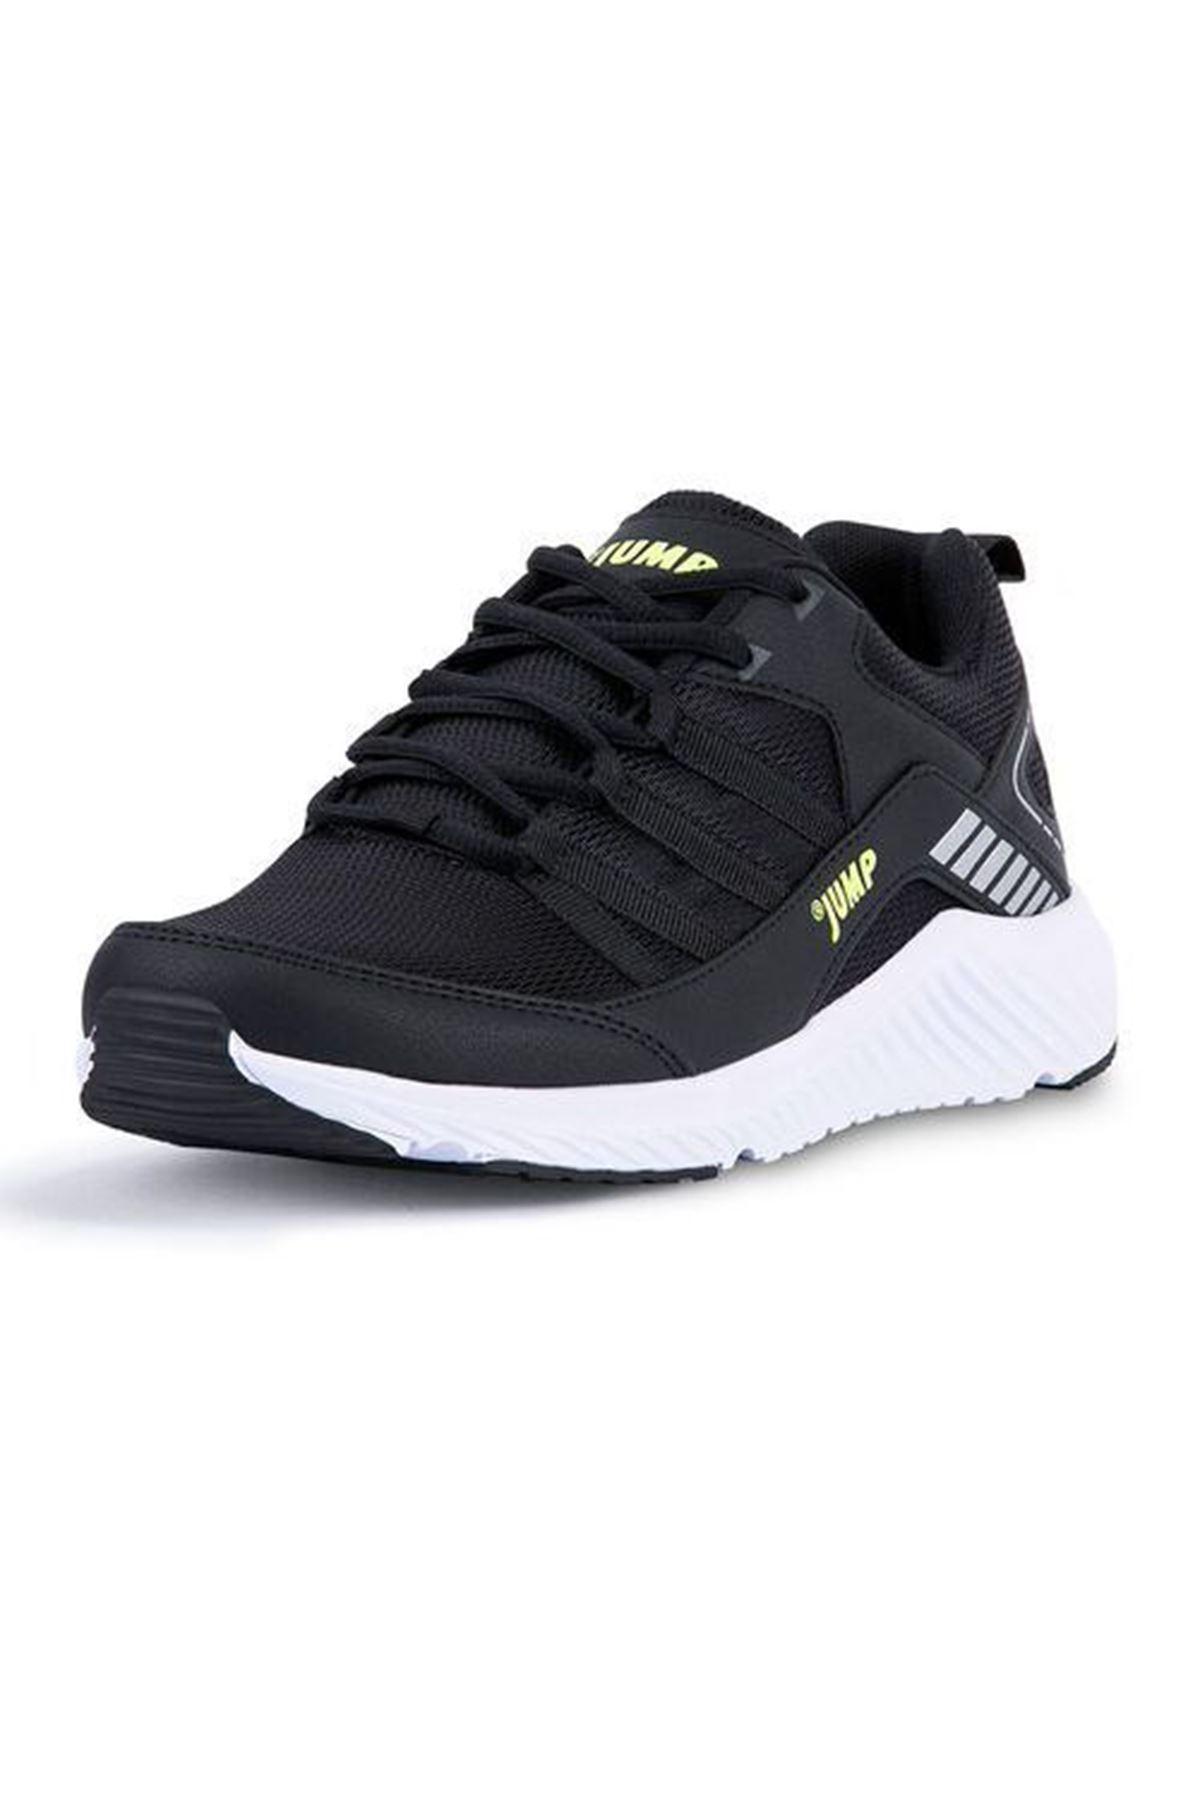 Siyah Erkek Spor Ayakkabı Fileli Rahat 24865